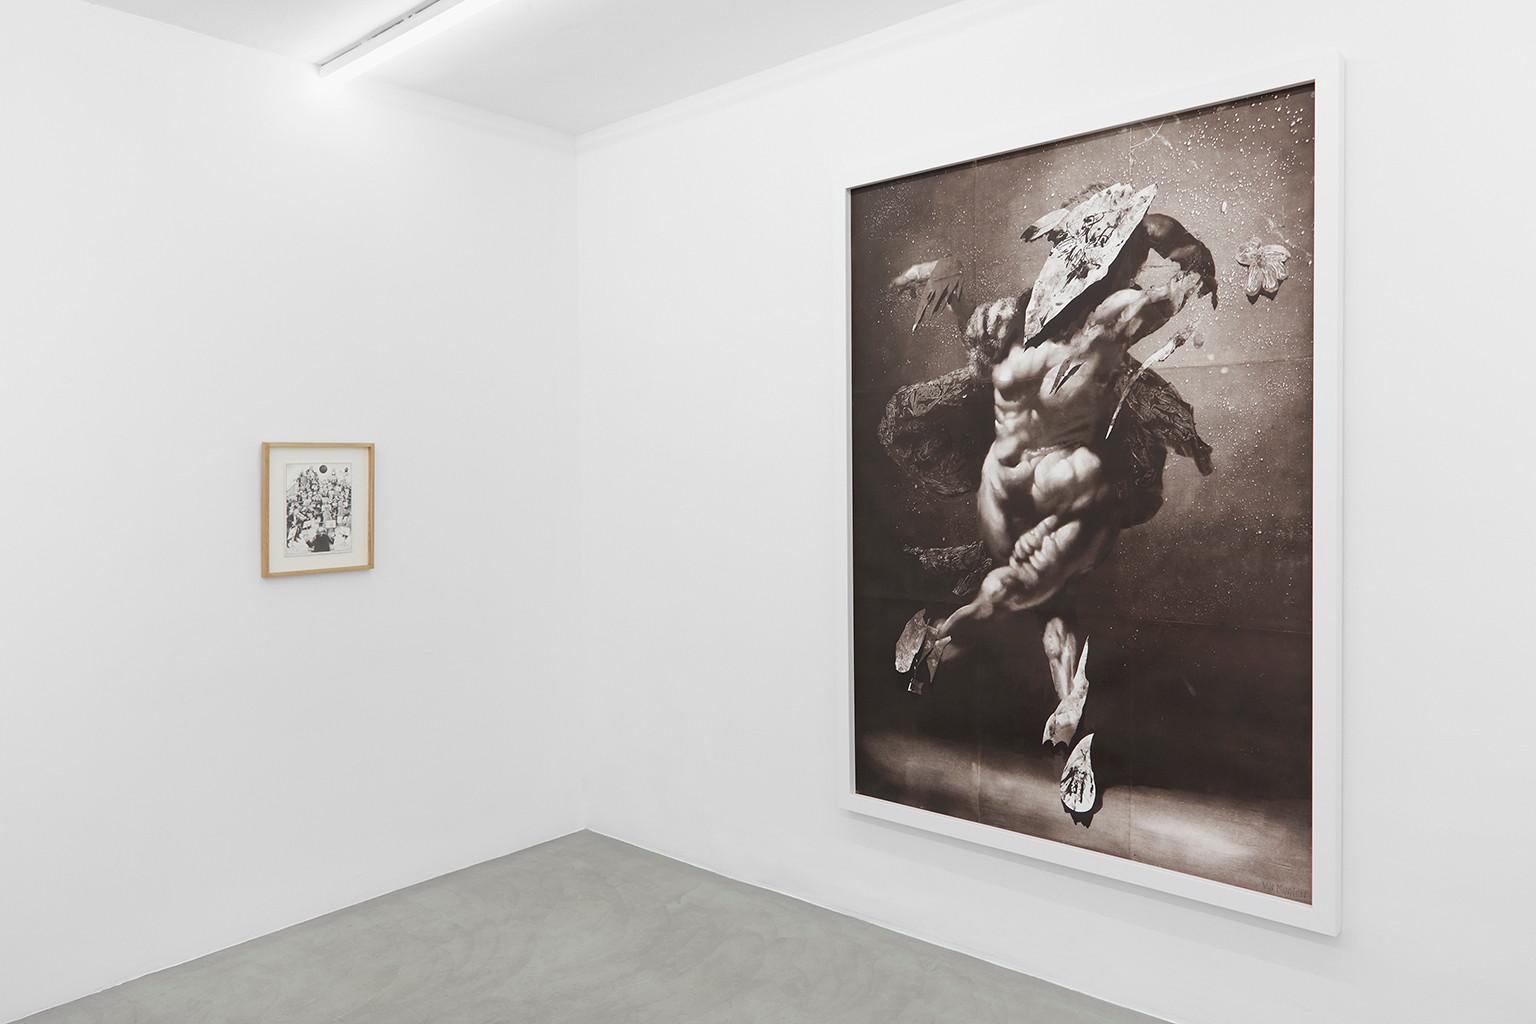 Galerie Julien Cadet Ryan Travis Christian, Christian Rex van Minnen BLUNT!